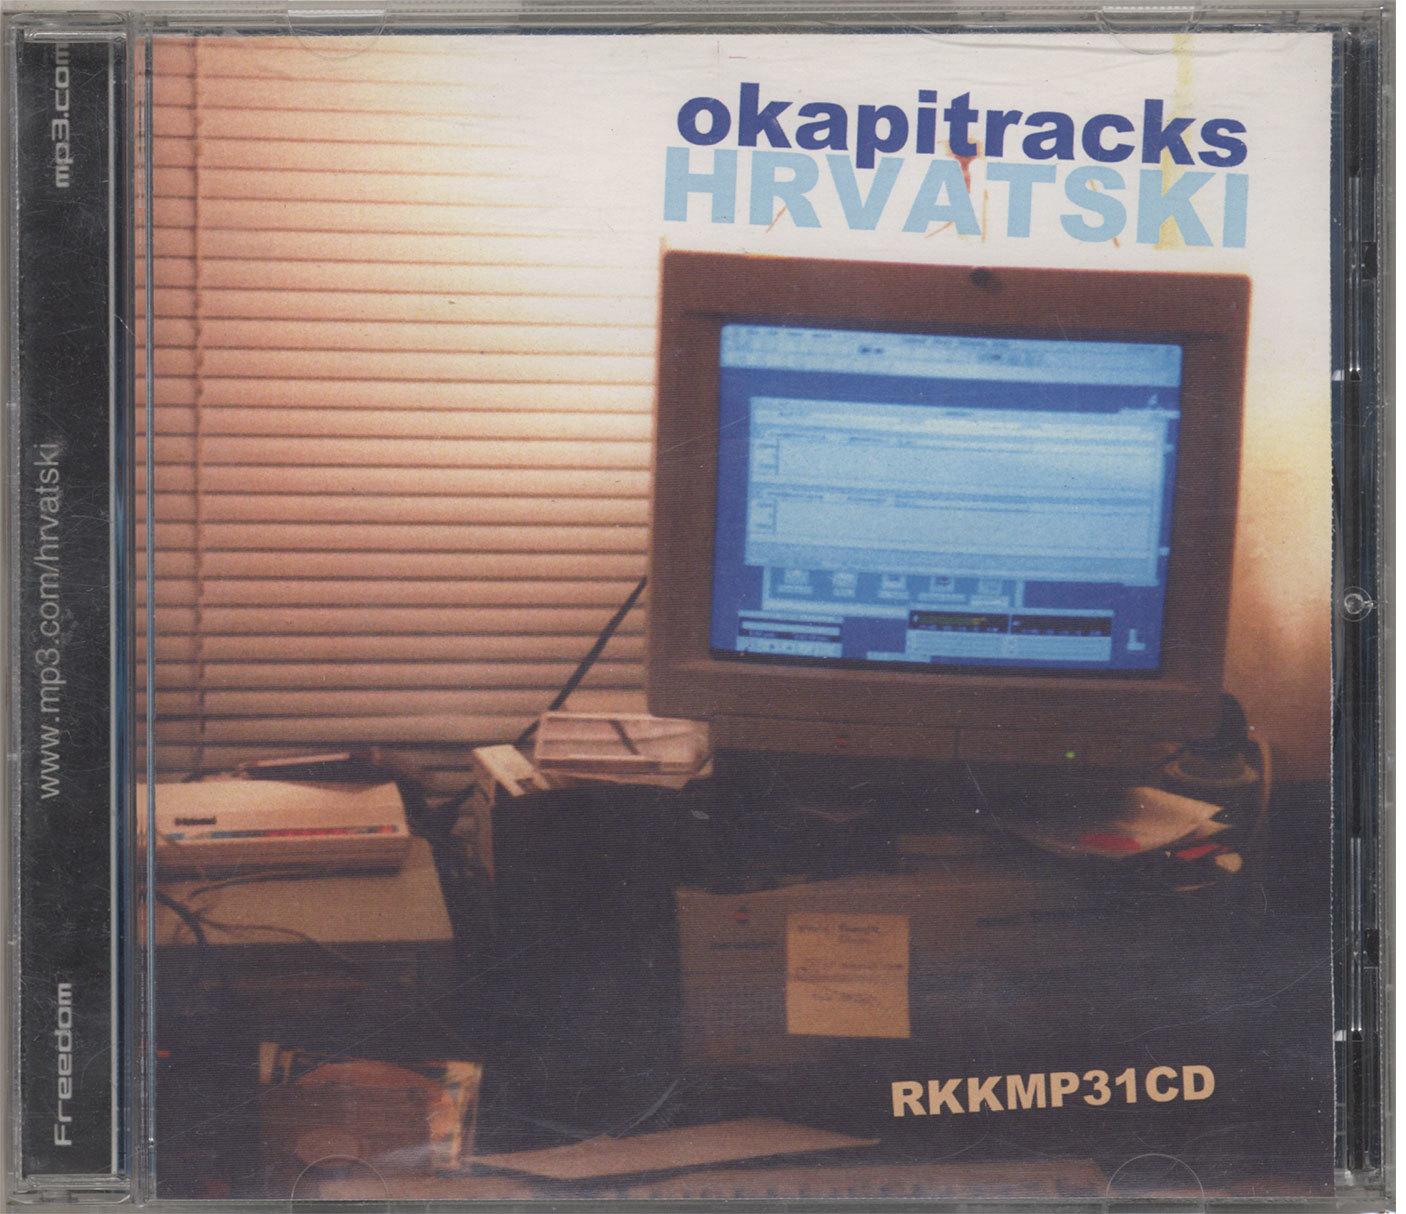 199909.rkkmp31cd.a.jpg